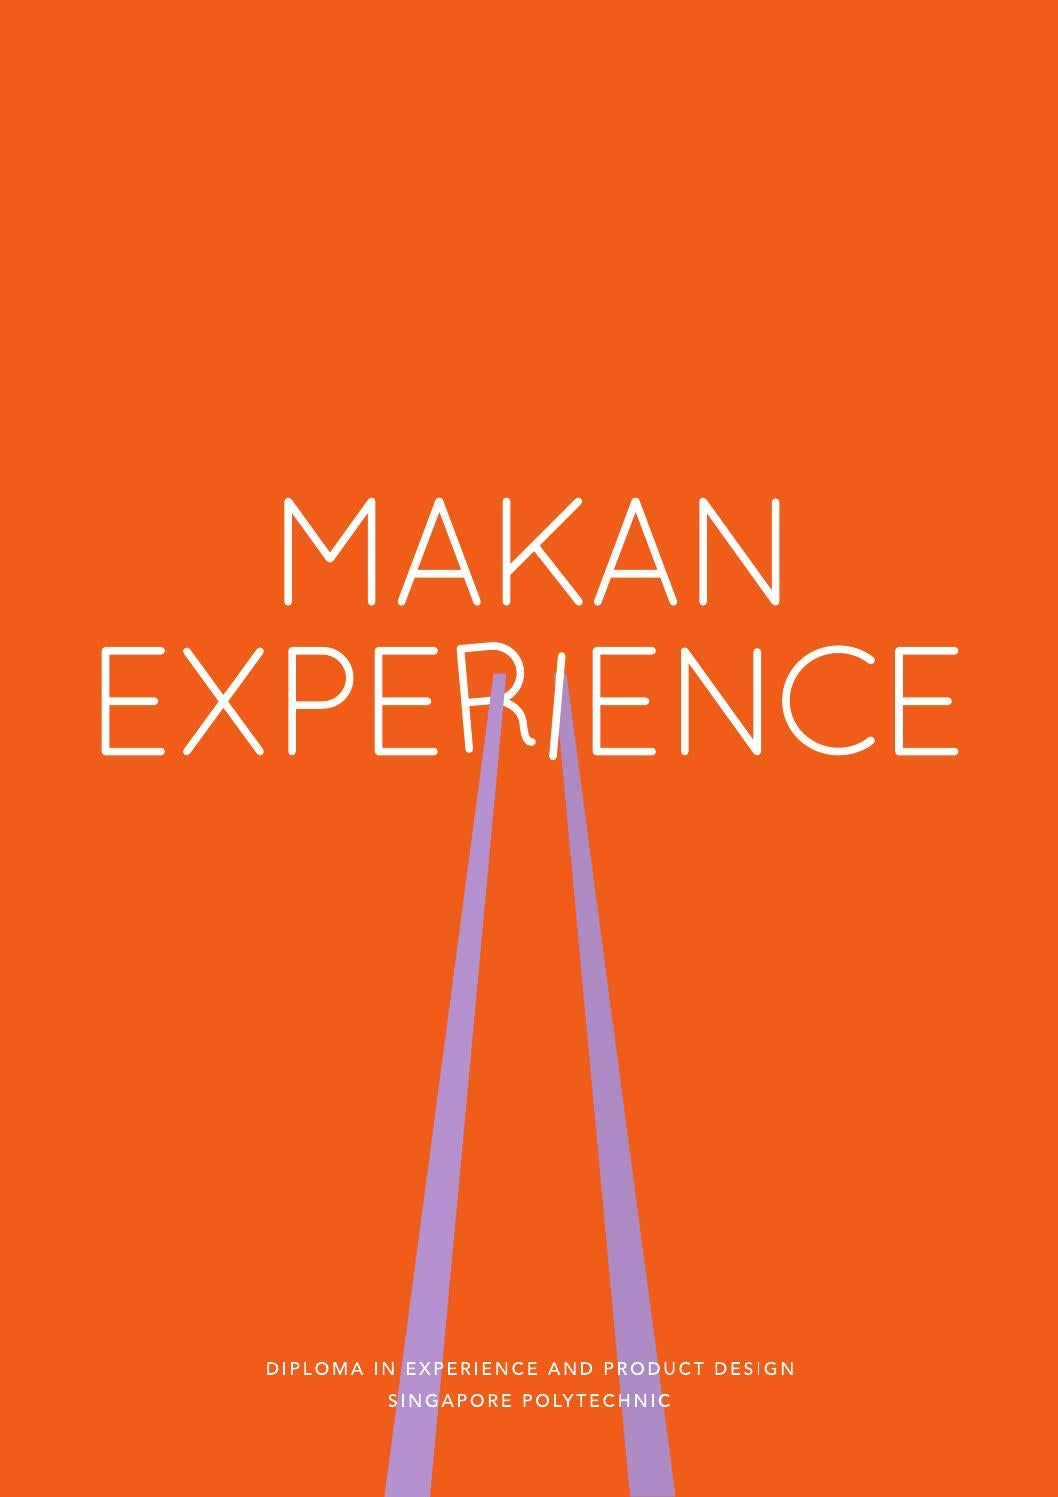 MAKAN EXPERIENCE